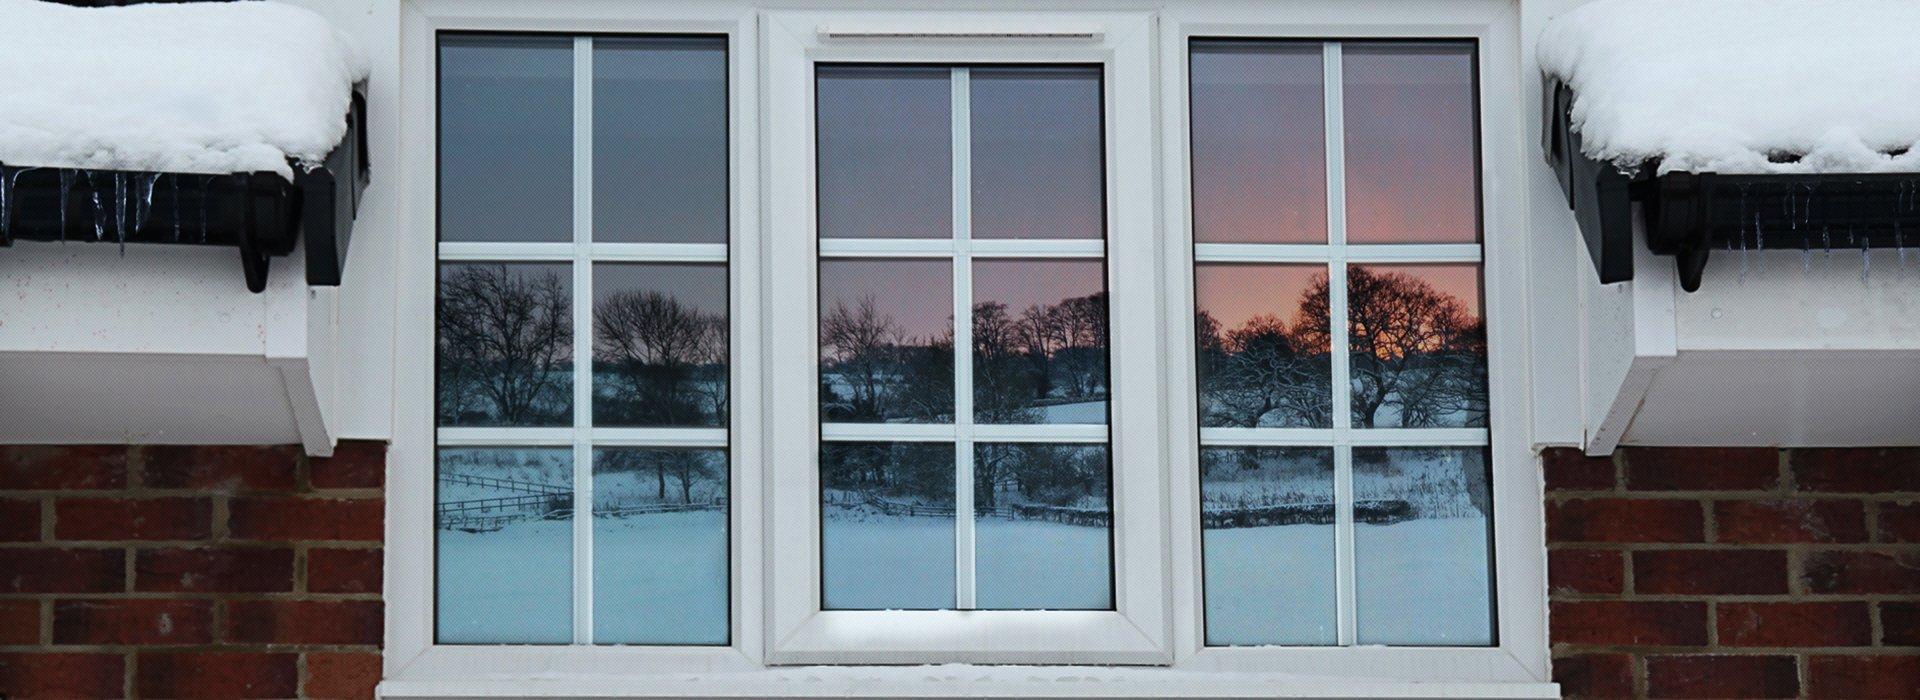 A double glazed window